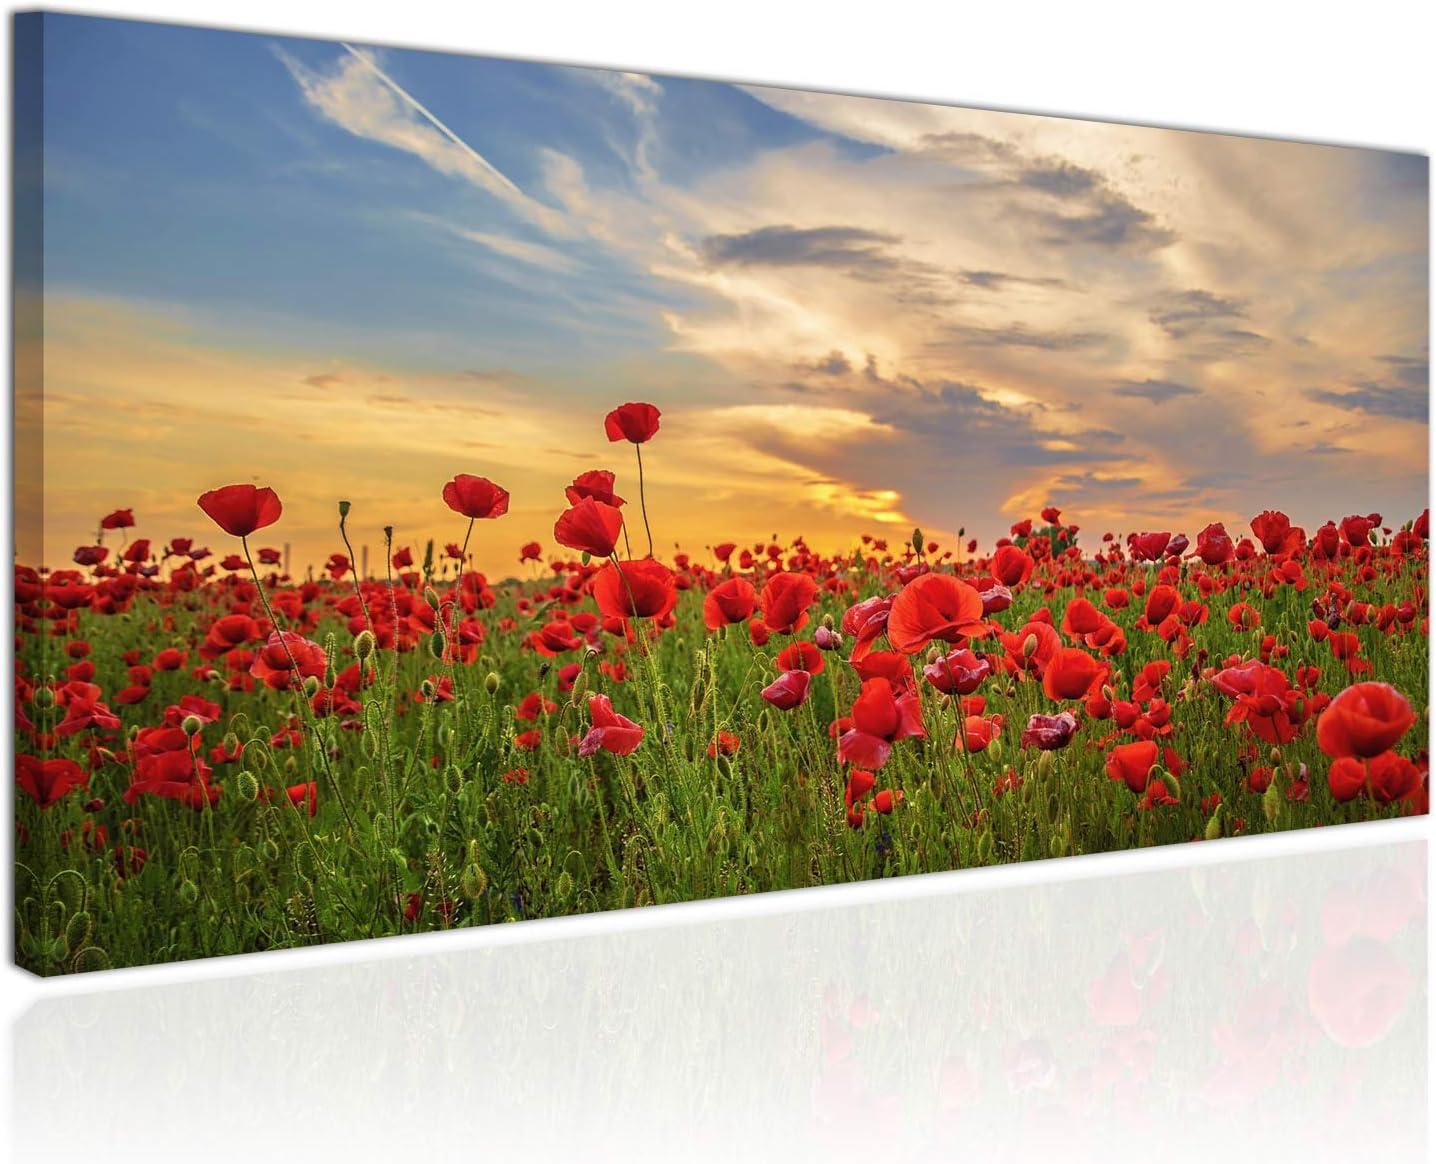 Topquadro Cuadro XXL sobre Lienzo, Imagen Panorámica 100x50cm, Campo de Amapolas, Flores Rojas al Atardecer, Flores Silvestres - Decoración de Pared, Imagen Panorámica - Una Pieza